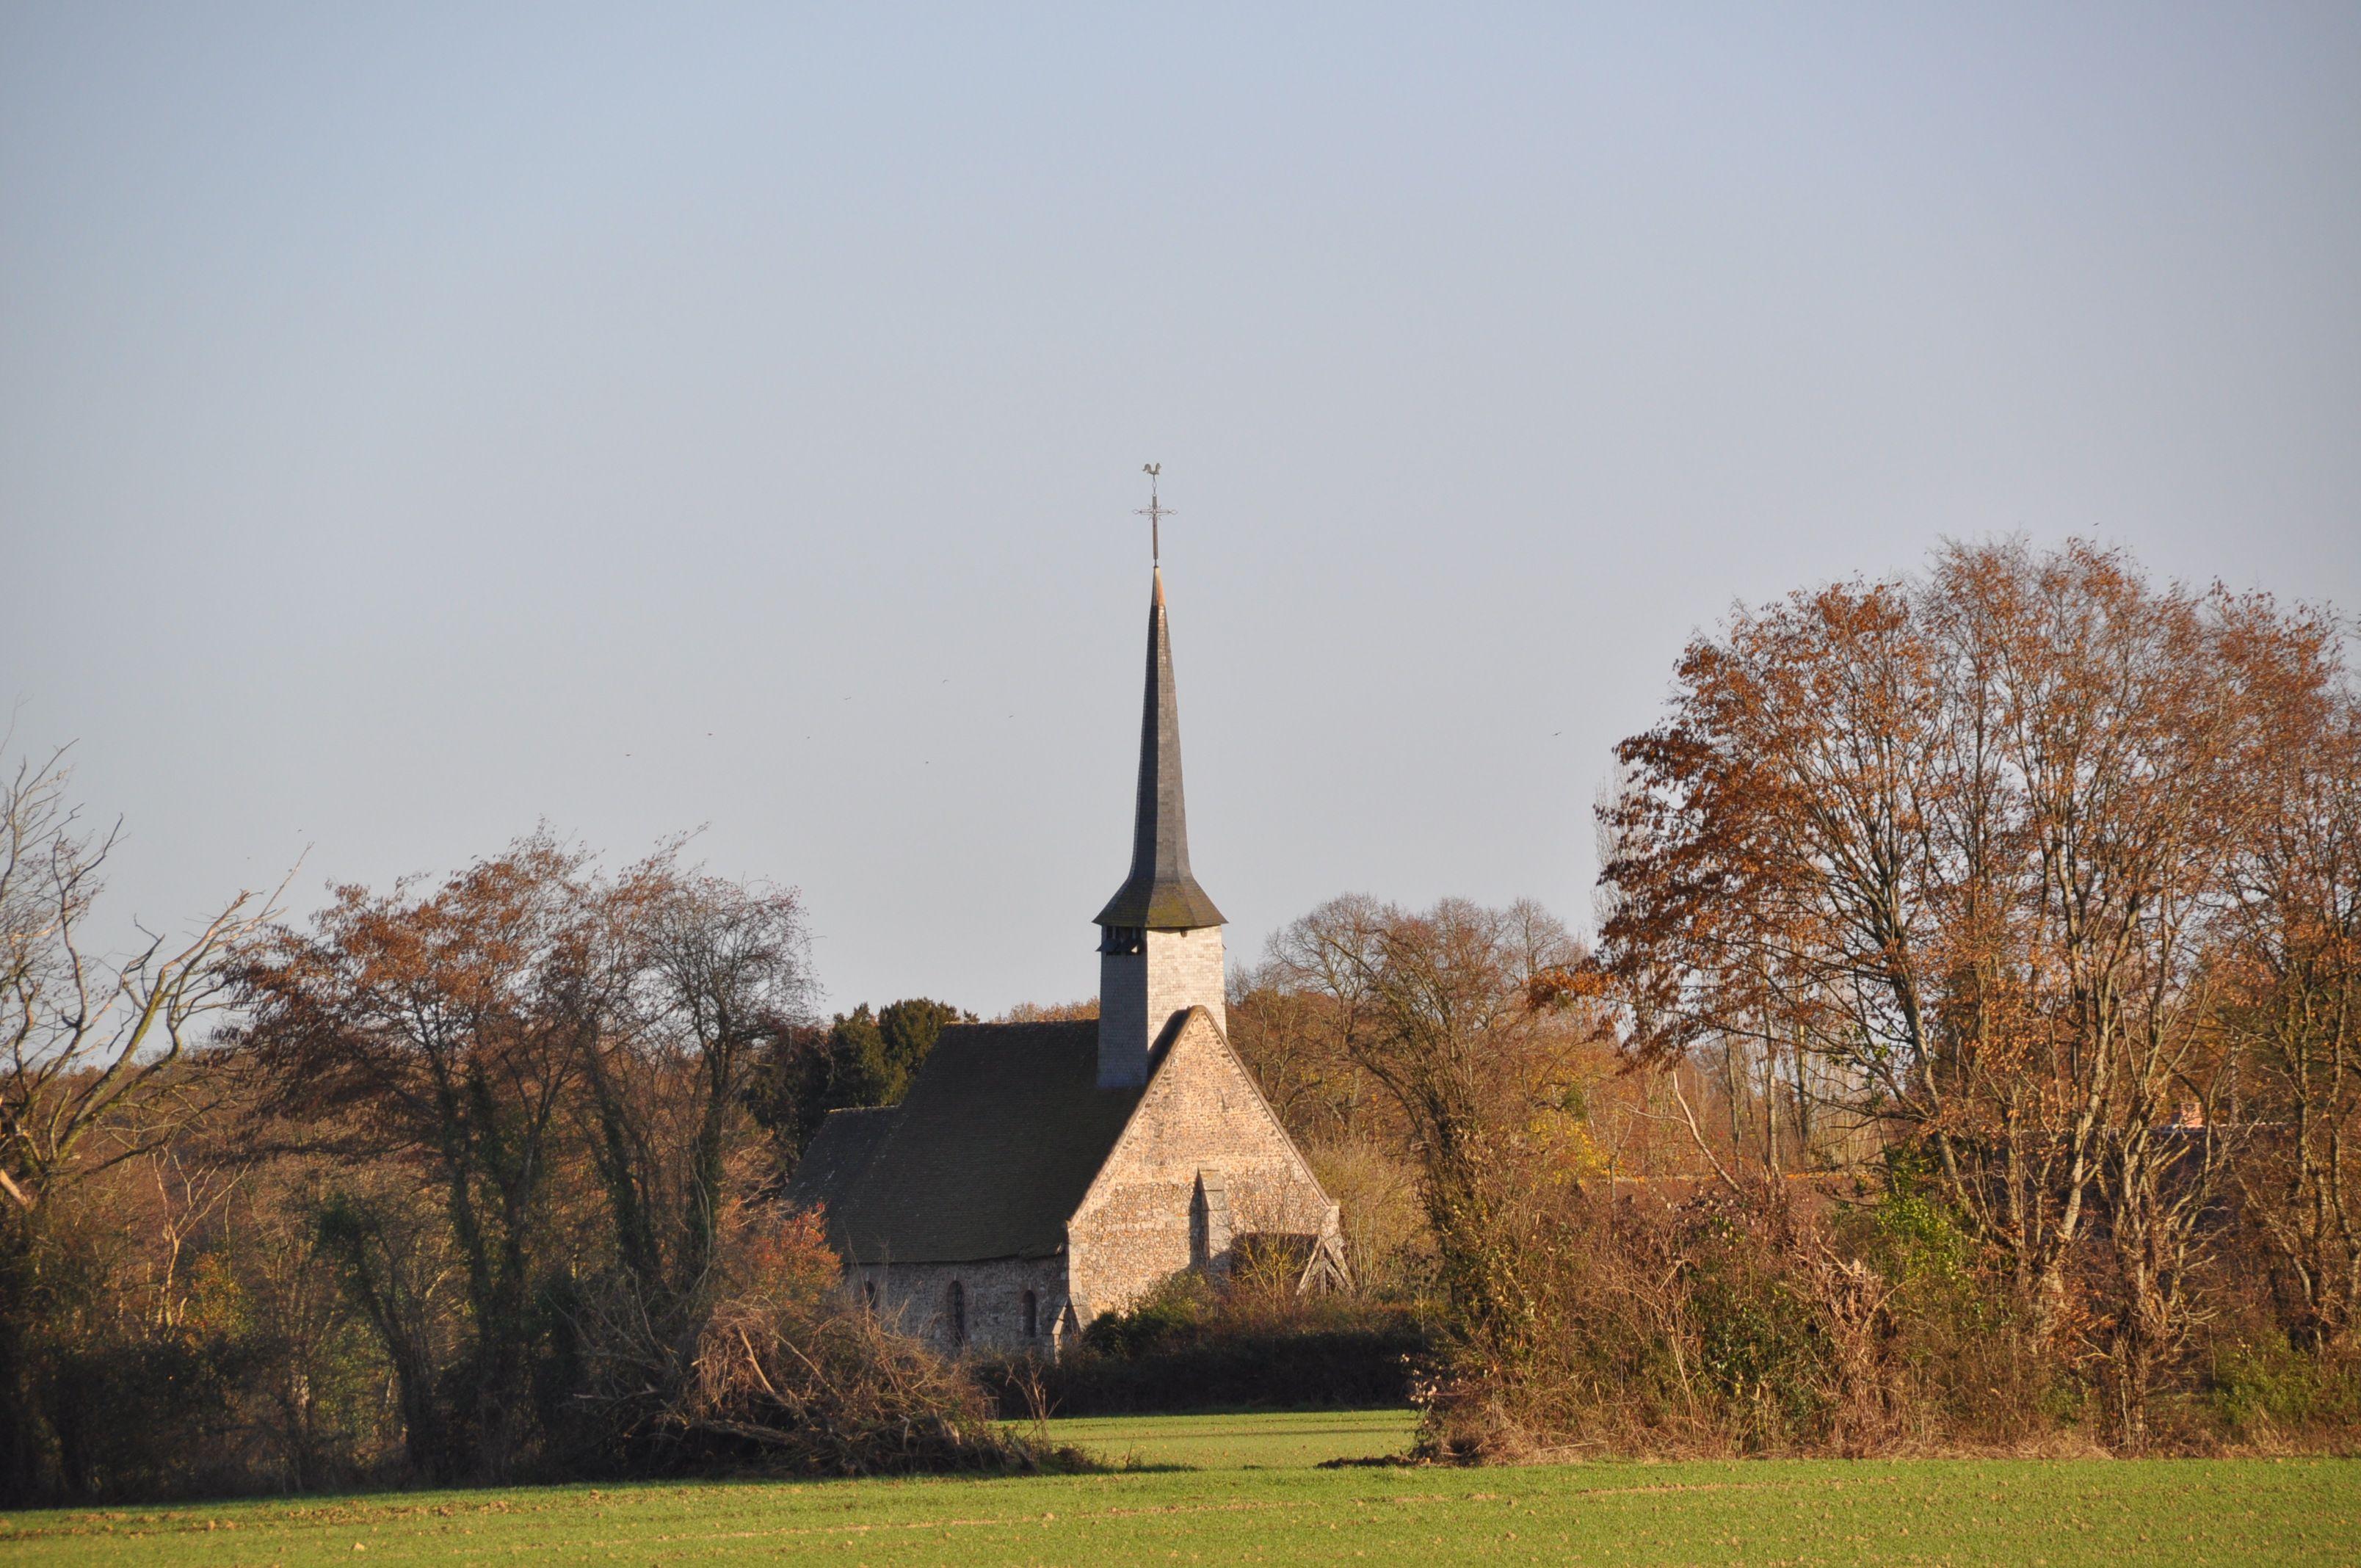 Église de Saint-Ouen-de-Mancelles de Gisay-la-Coudre, commune déléguée de Mesnil-en-Ouche